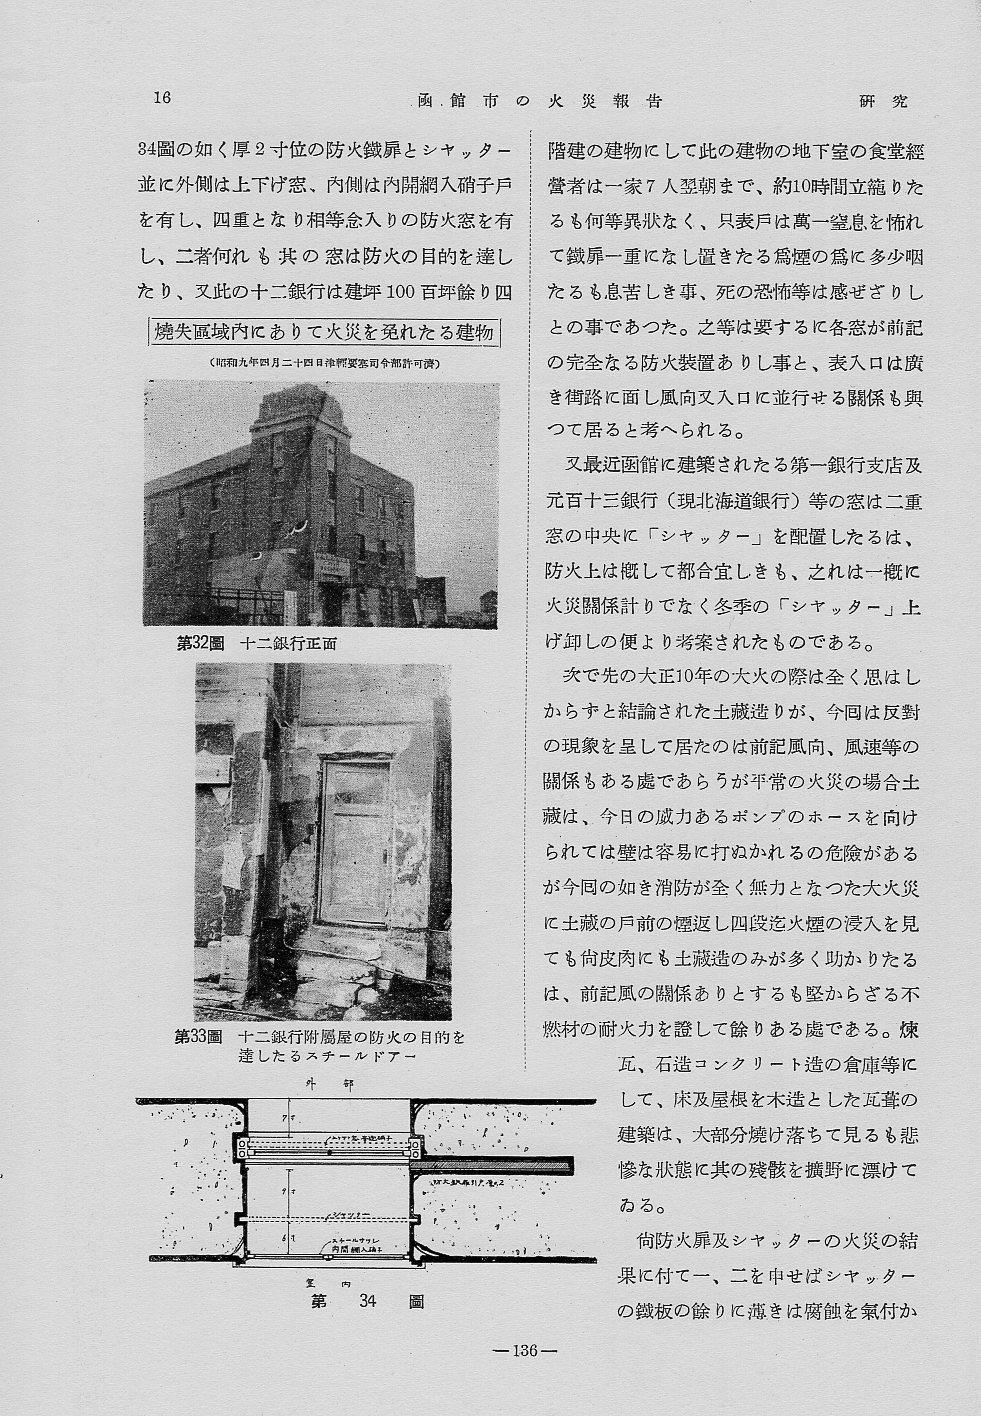 函館市豊川町の旧十二銀行函館支店(函館の建築再見)_f0142606_11111020.jpg